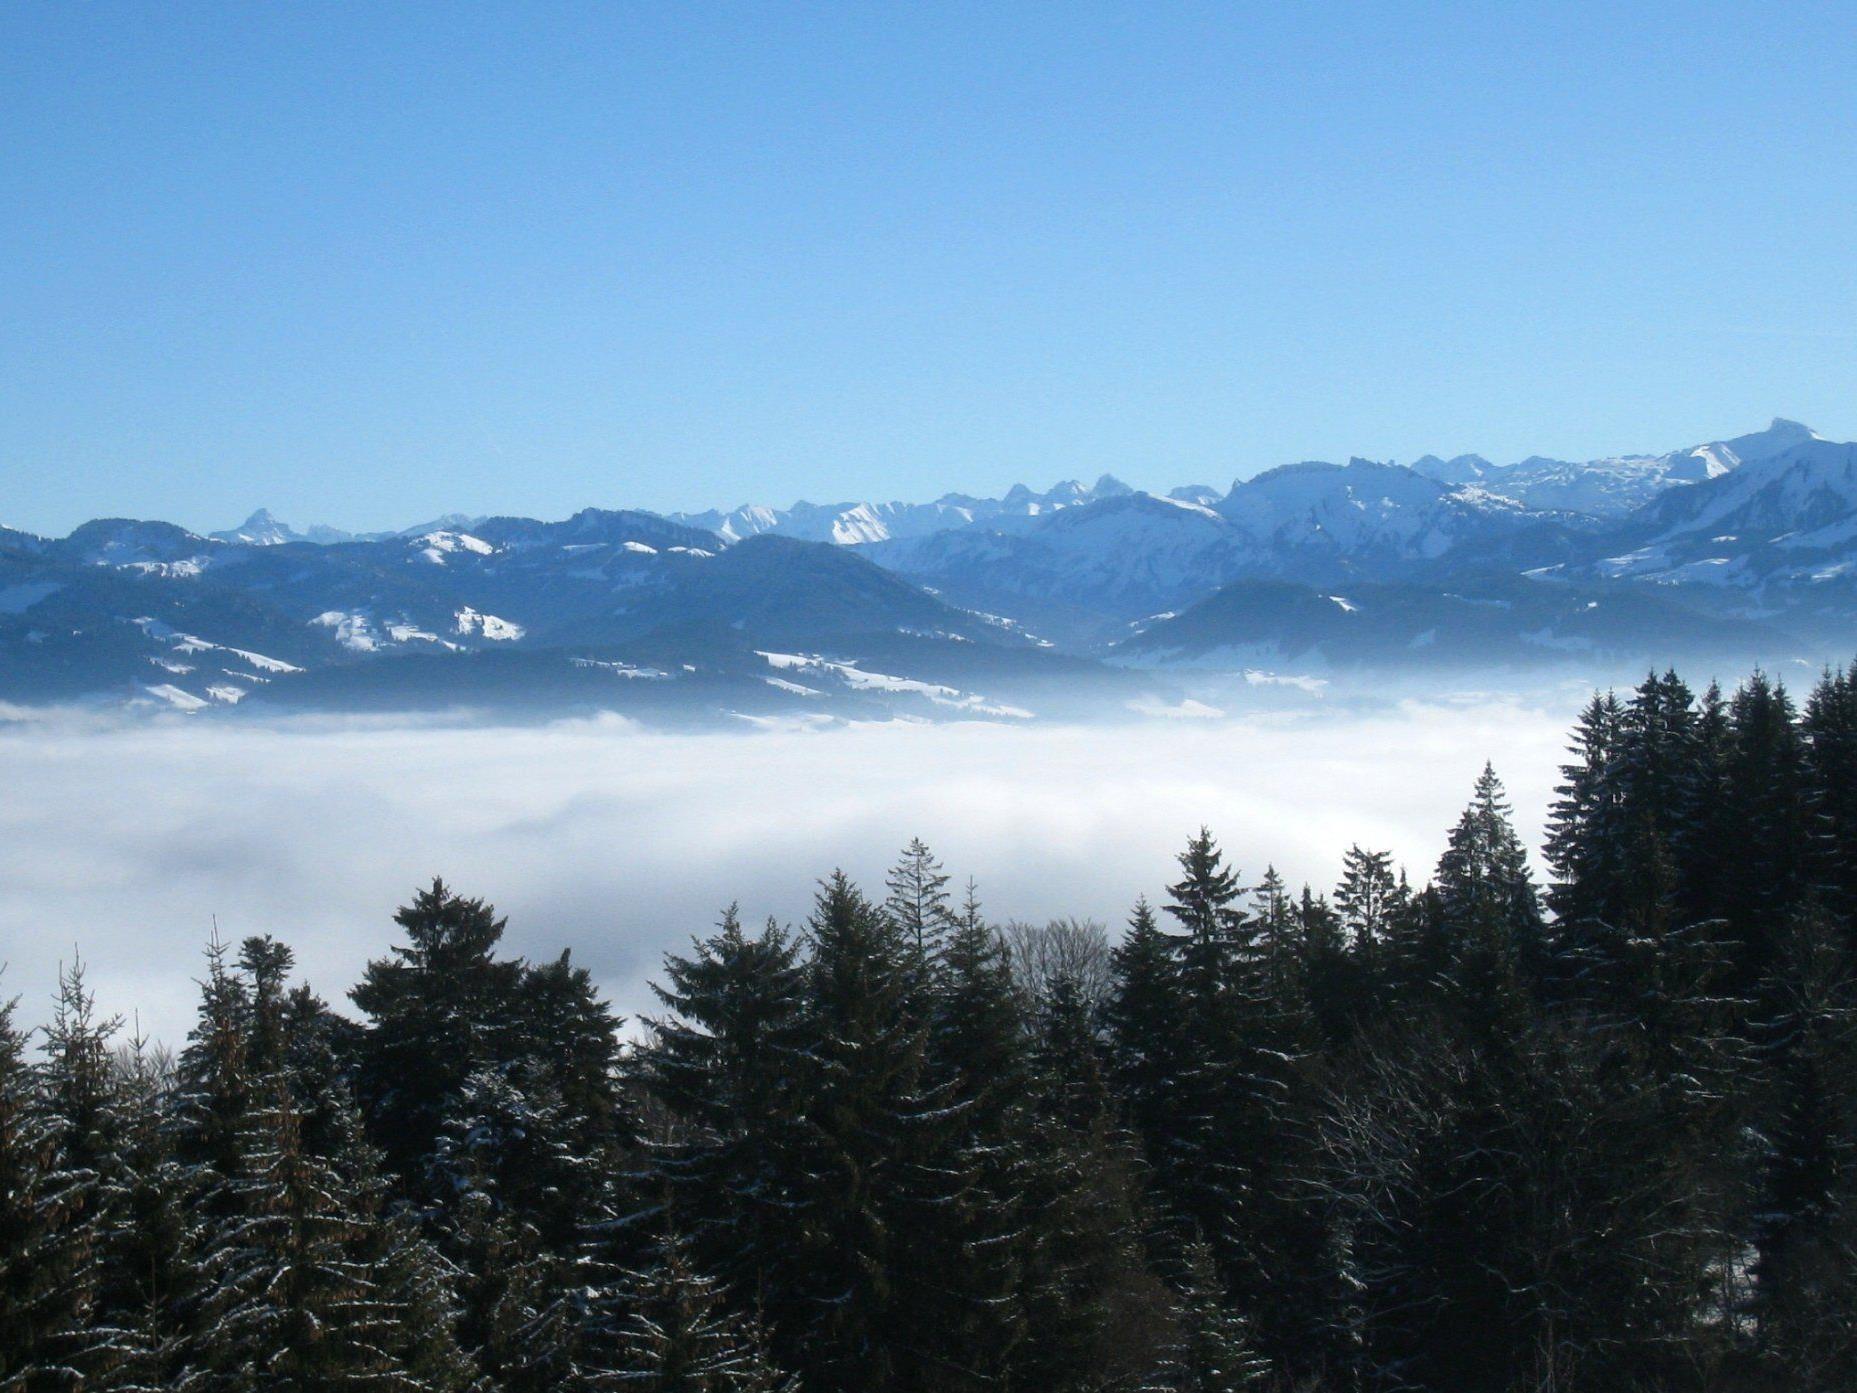 Nebel im Tal, Sonnenschein und eine grandiose Aussicht auf dem Berg.